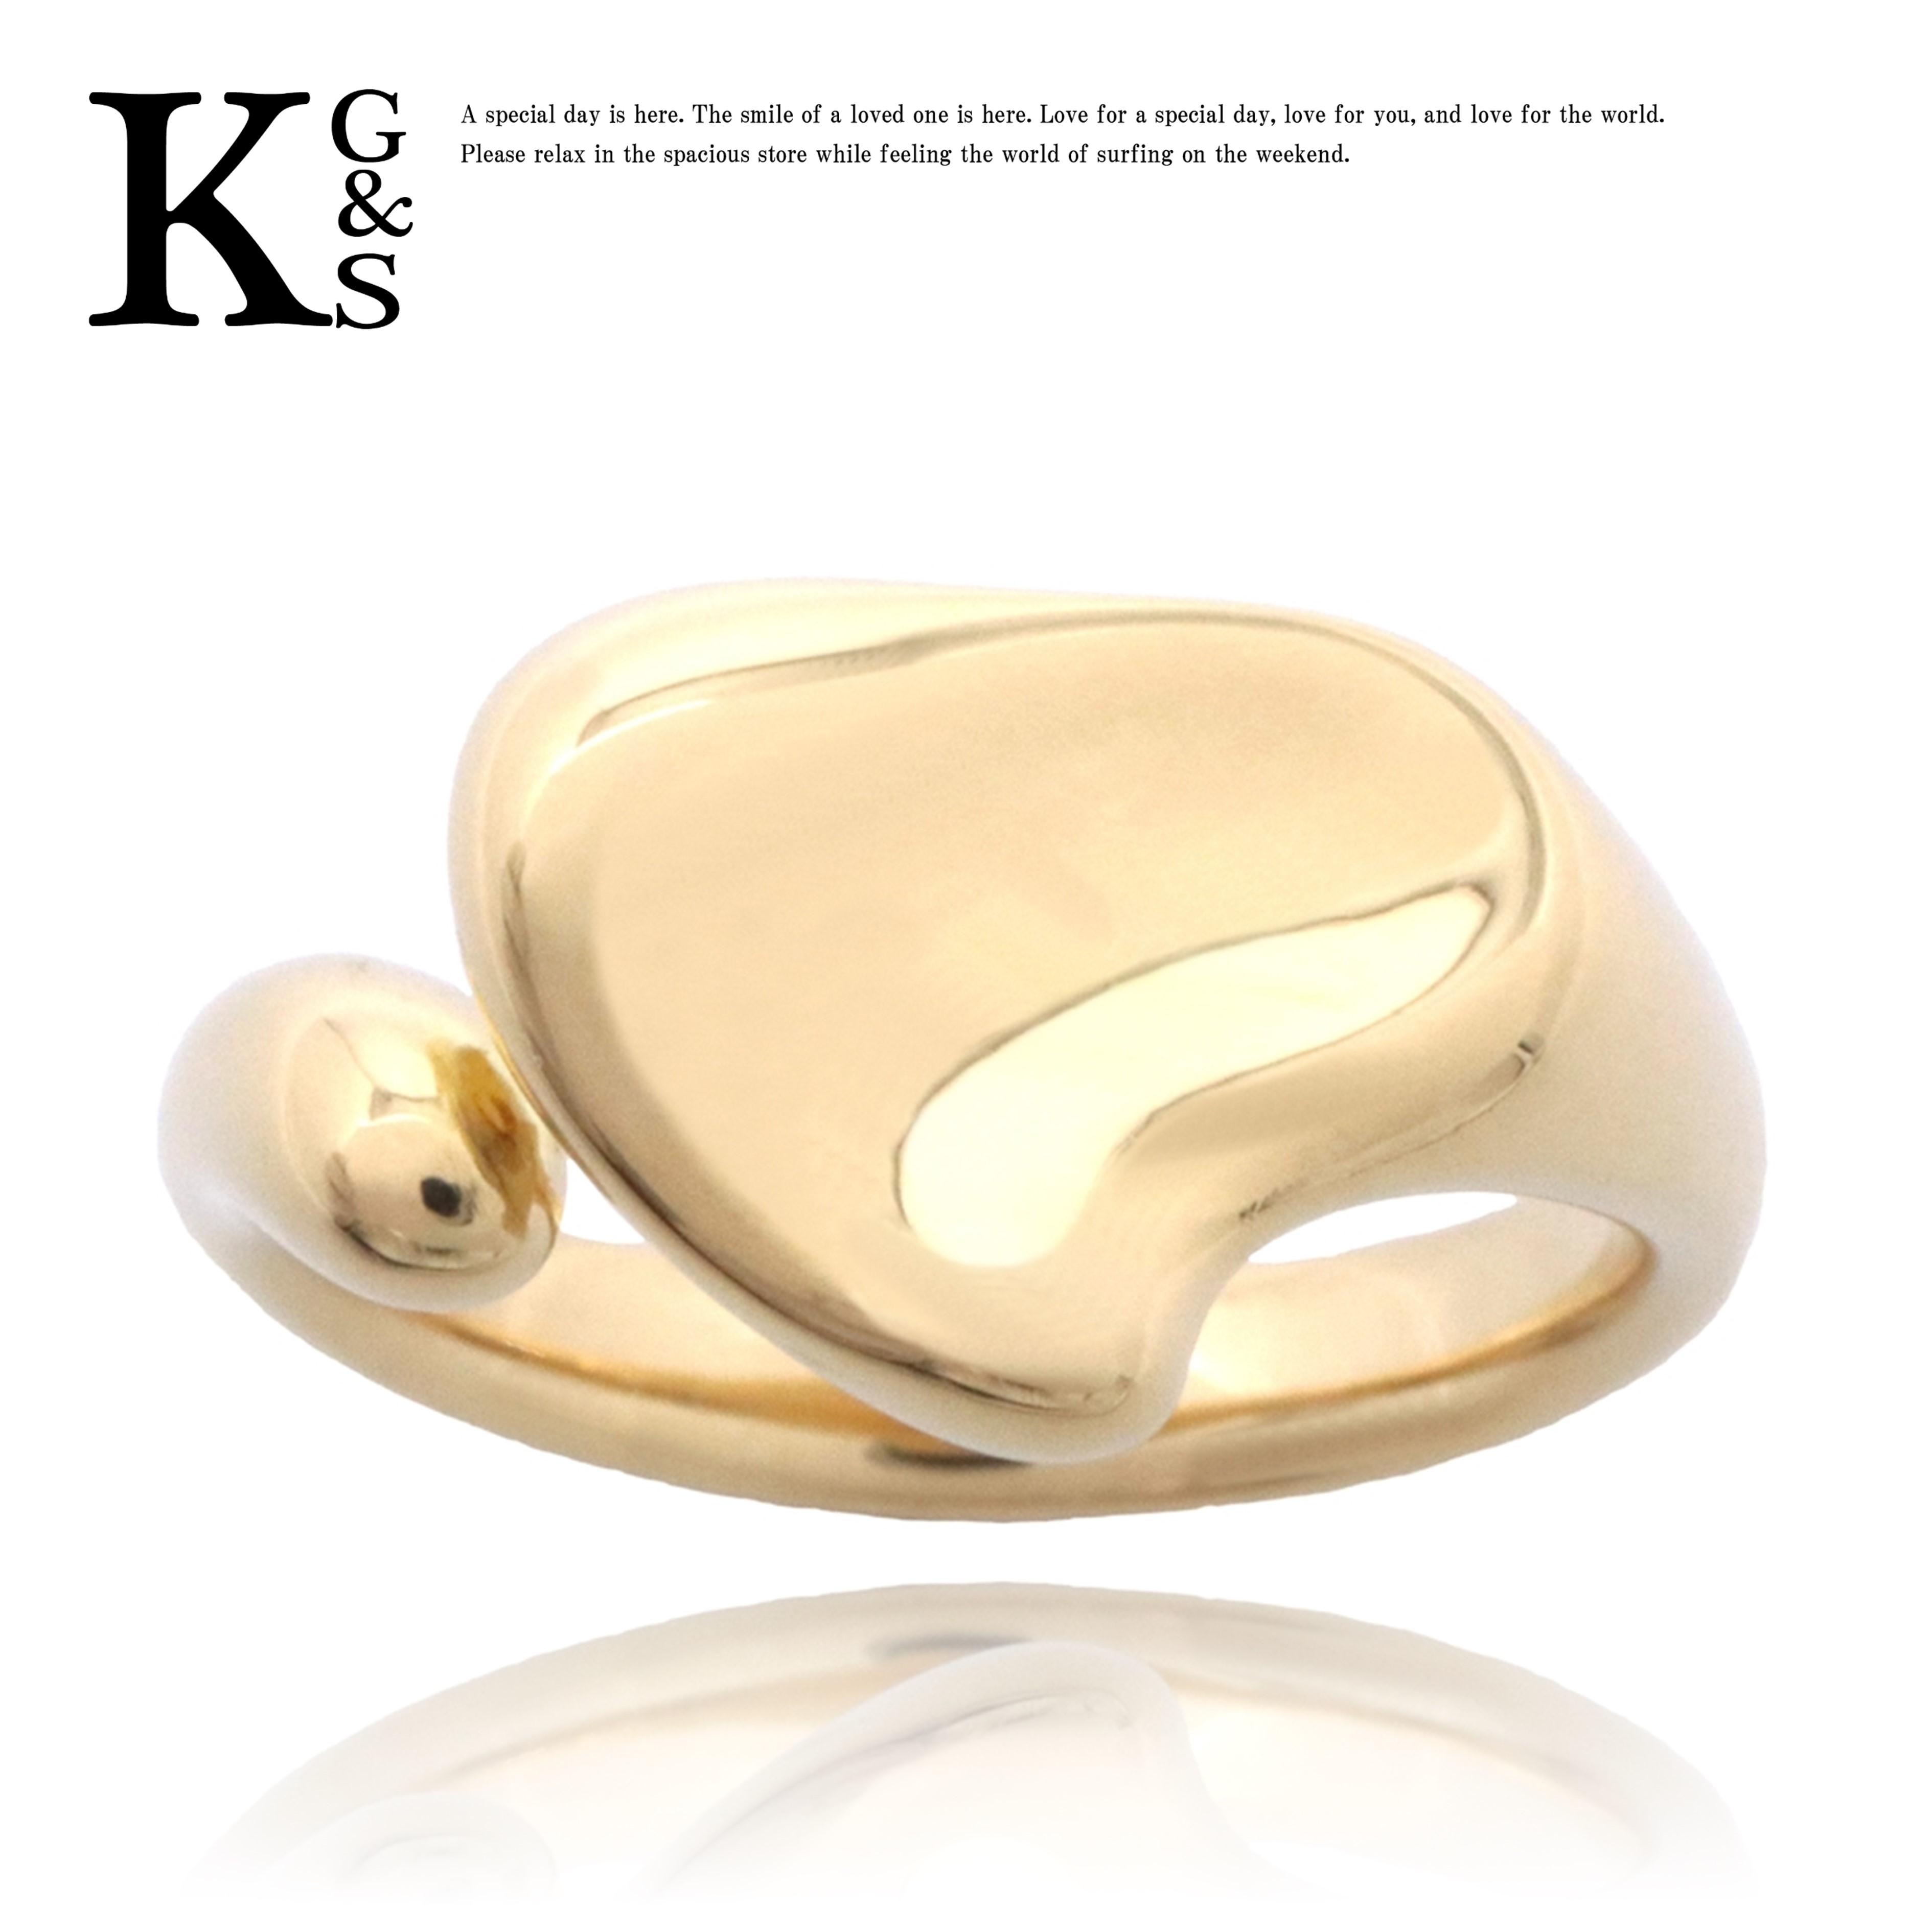 【ギフト品質】【名入れ】【4号~16号】ティファニー/Tiffany&co レディース ジュエリー リング/指輪 エルサ ペレッティ ビーン リング K18YG イエローゴールド